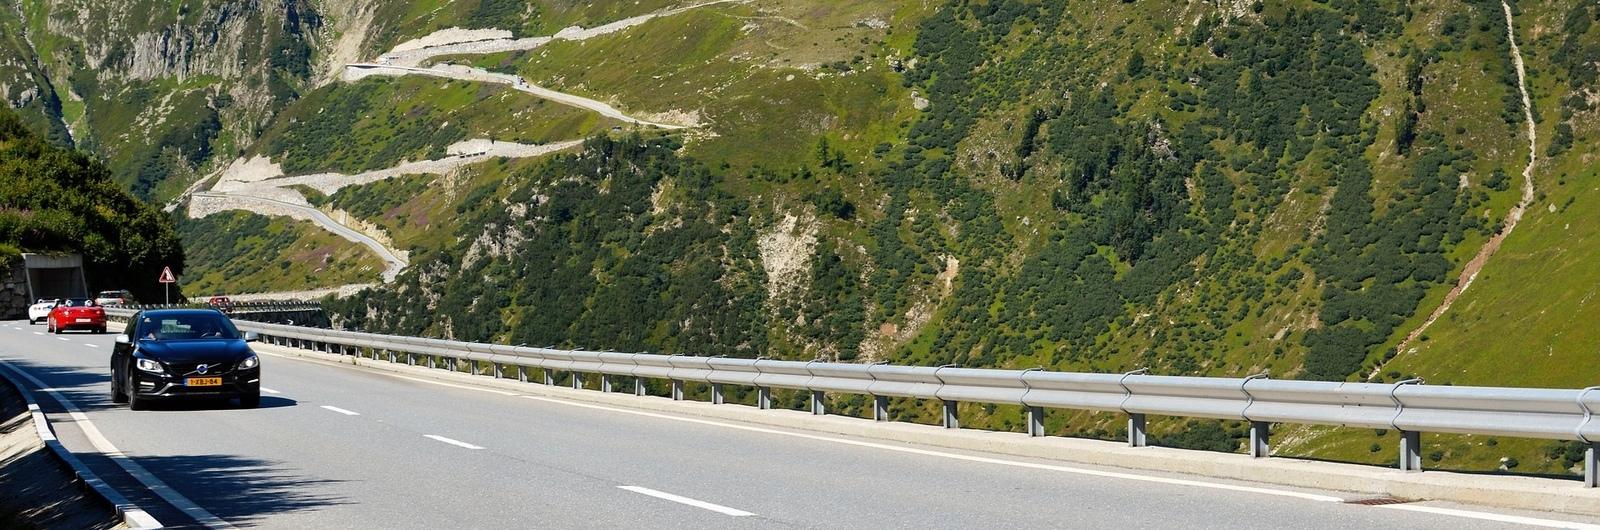 city header switzerland road mountains